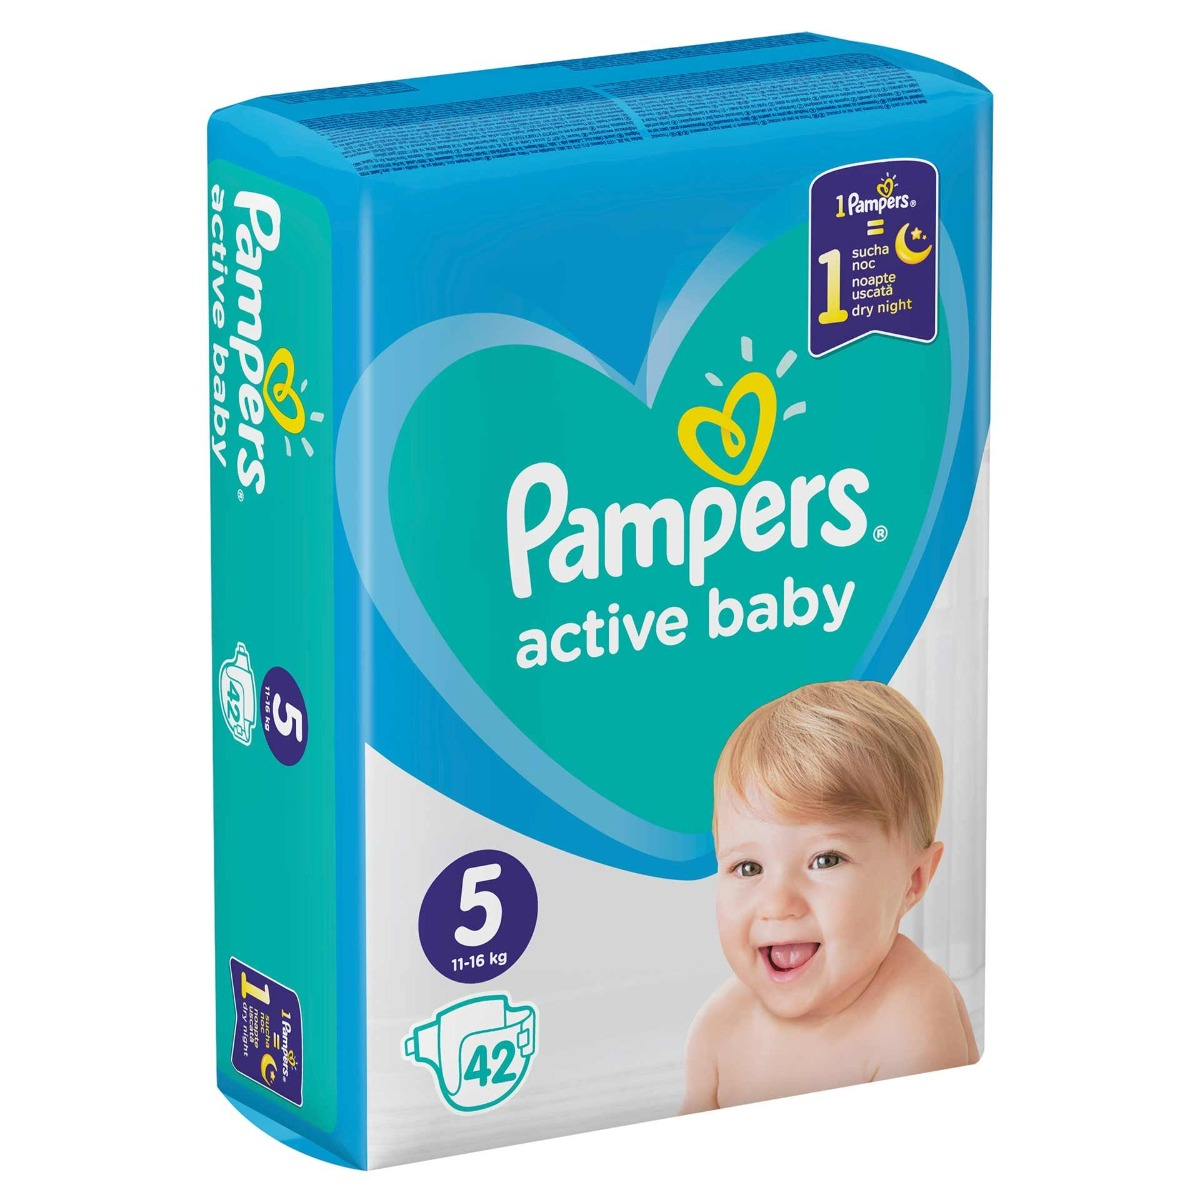 Scutece pentru copii Active Baby marimea 5 pentru 11-16 kg, 42 bucati, Pampers